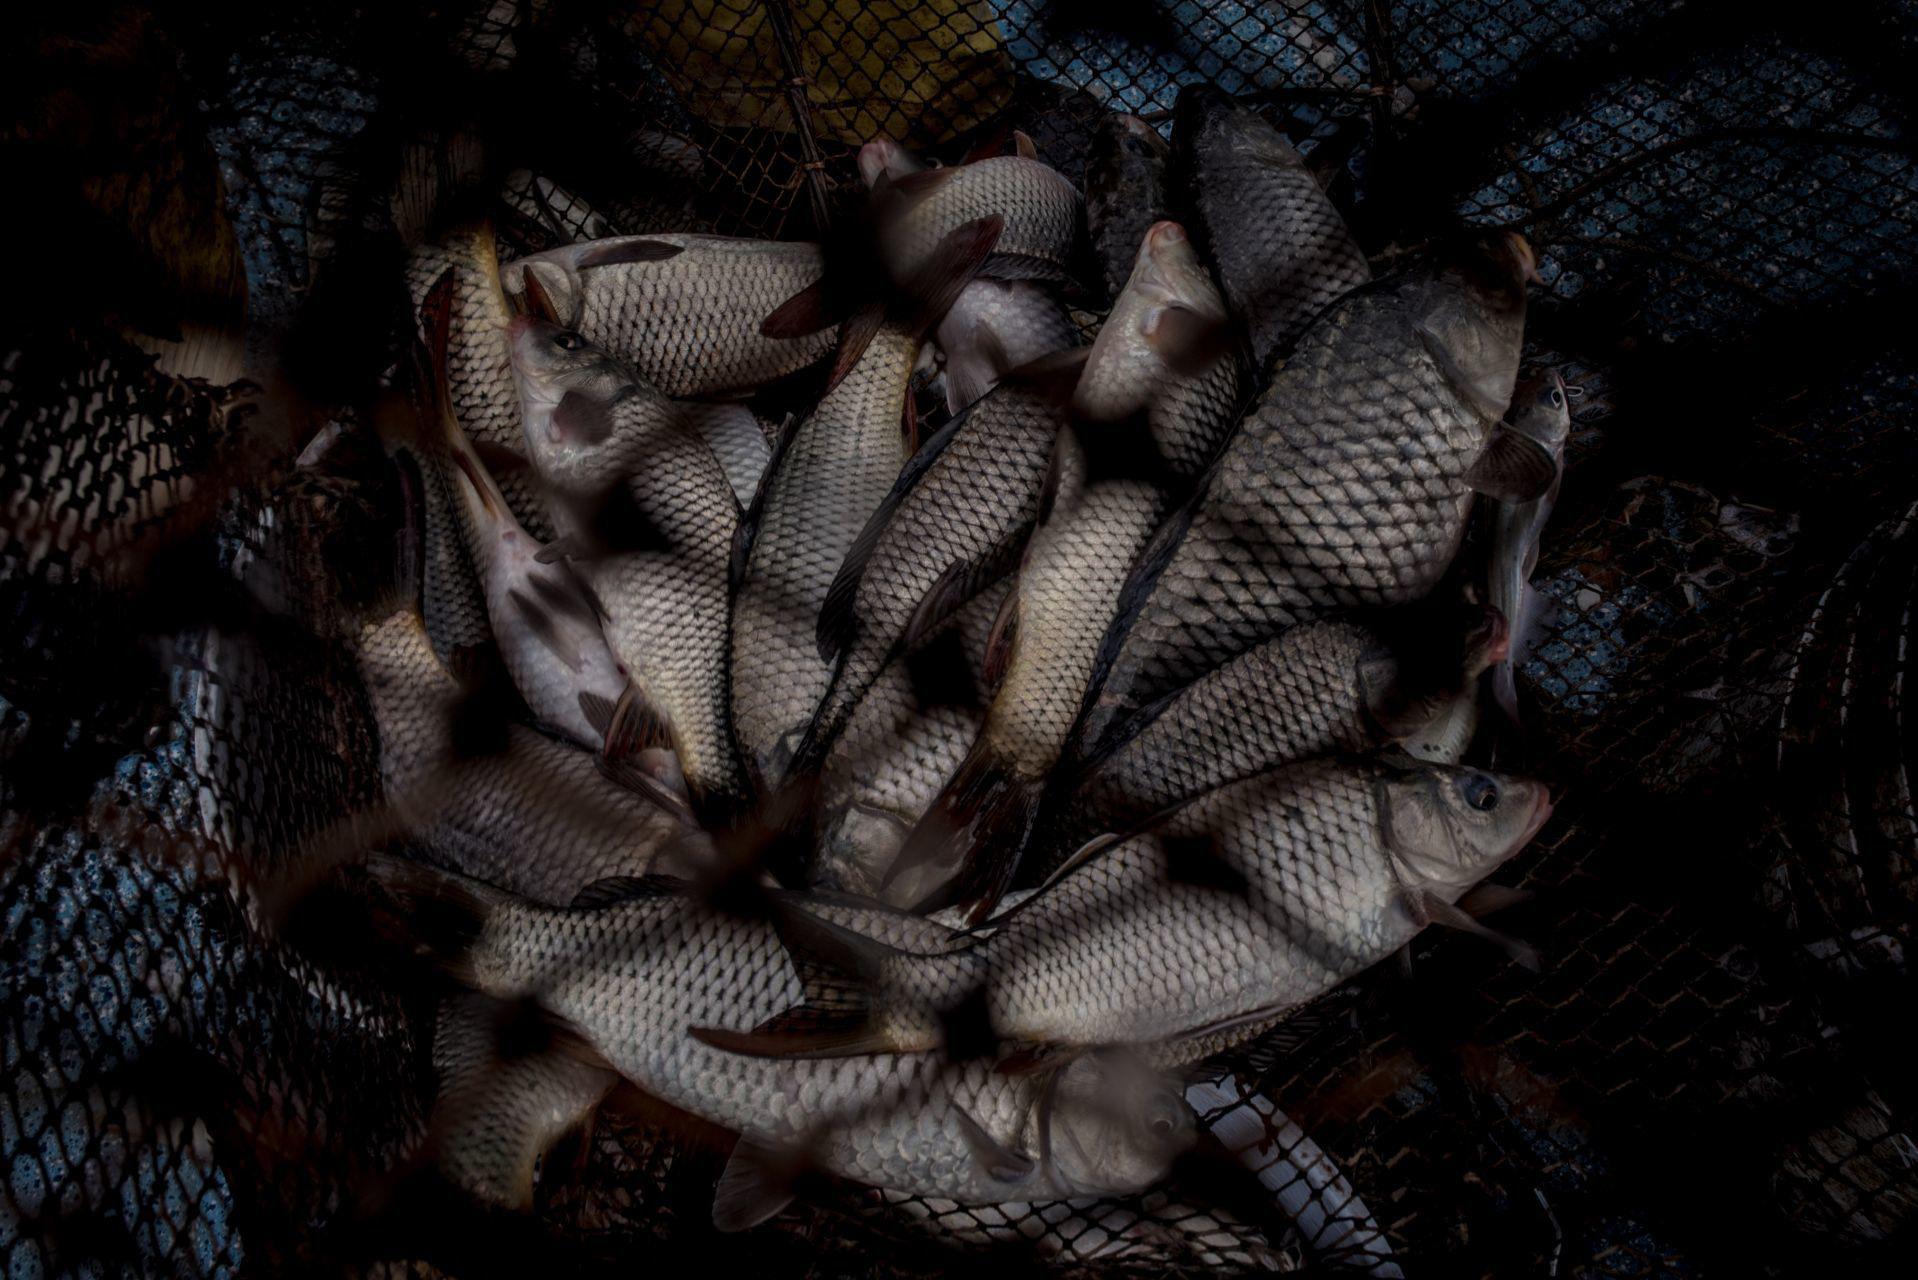 Pescados de la especie Carpa, en las redes de pesca. San Francisco de Conchos, Chihuahua, México. El 18 de septiembre de 2020.